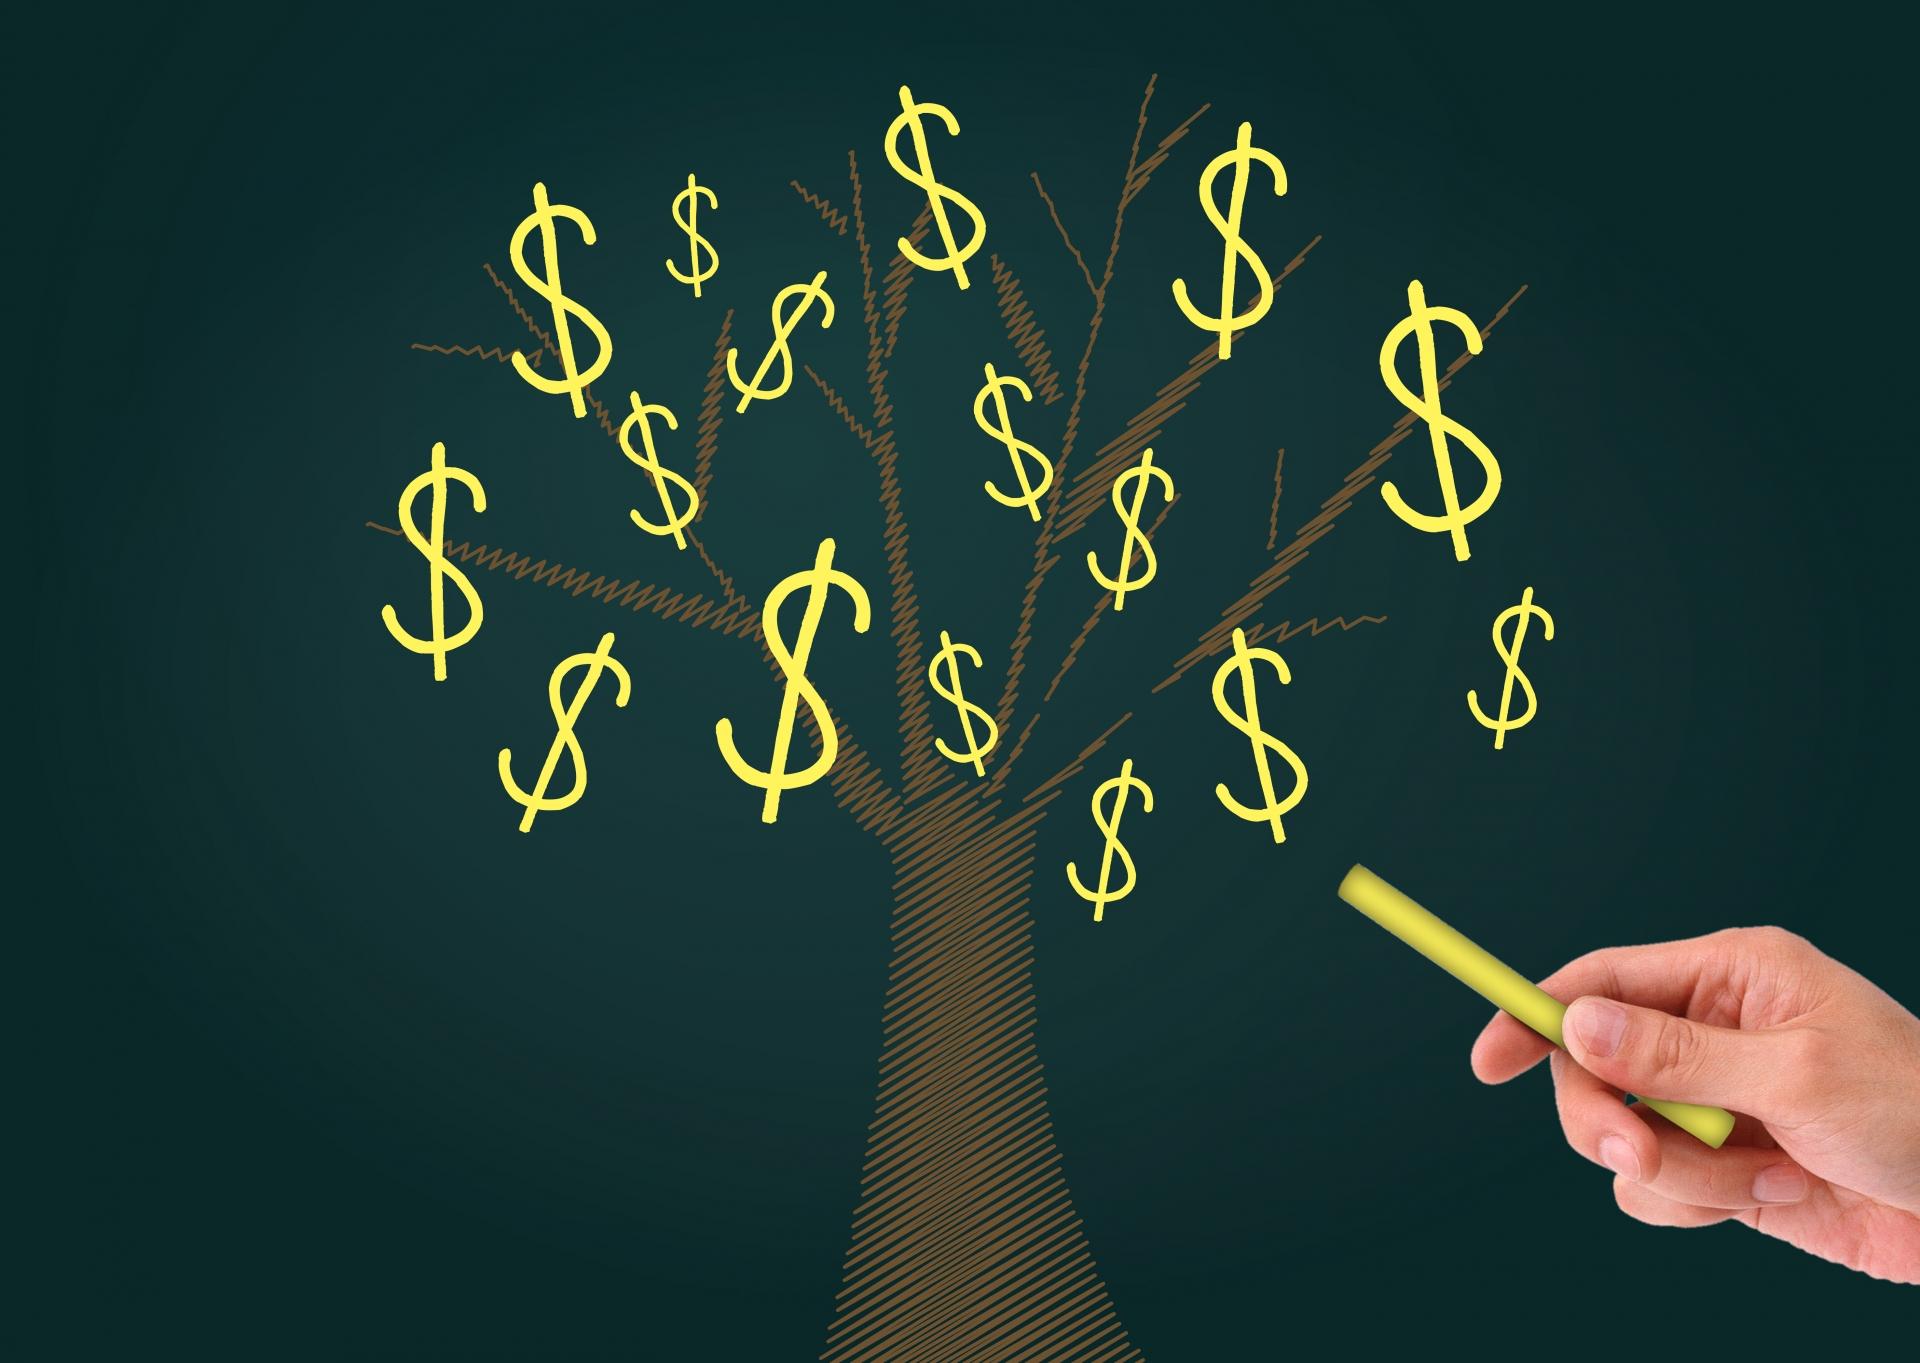 3Cは、「金のなる木の設計図」